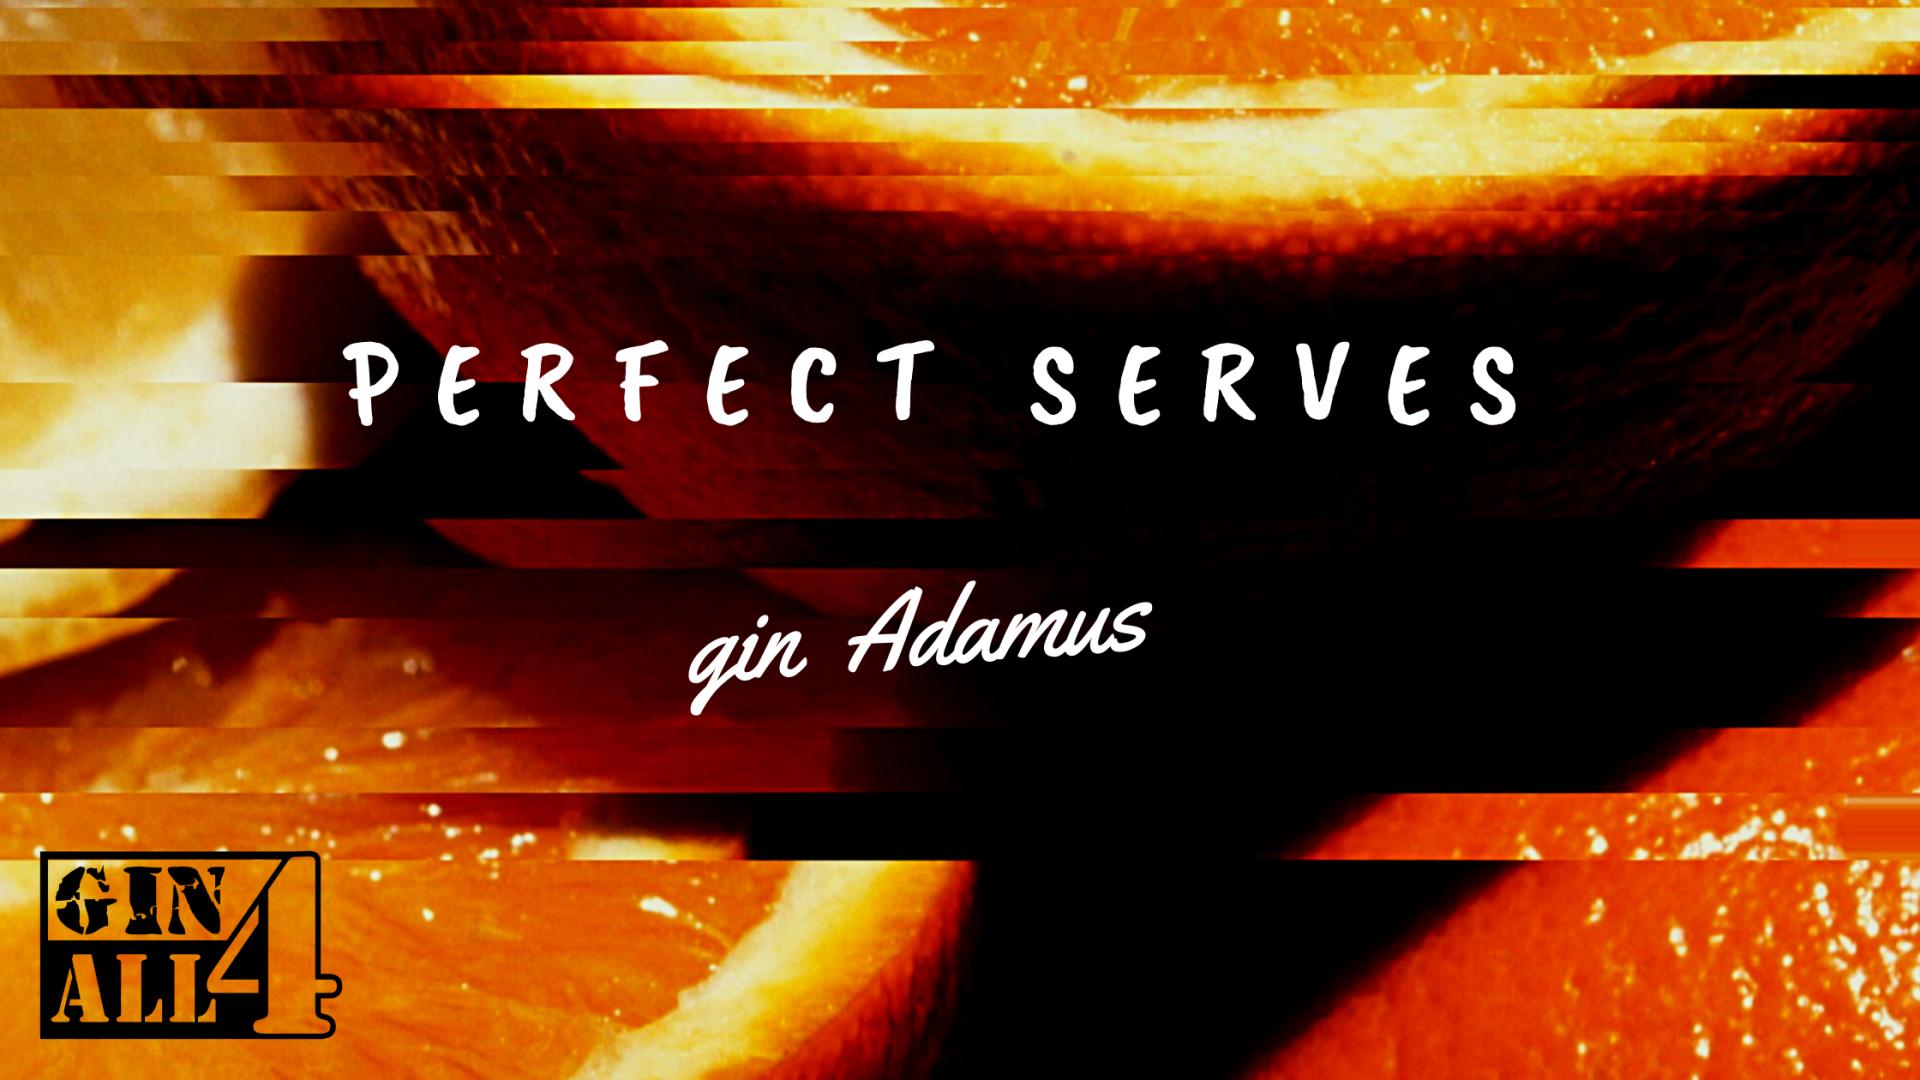 Perfect Serves - GIN ADAMUS